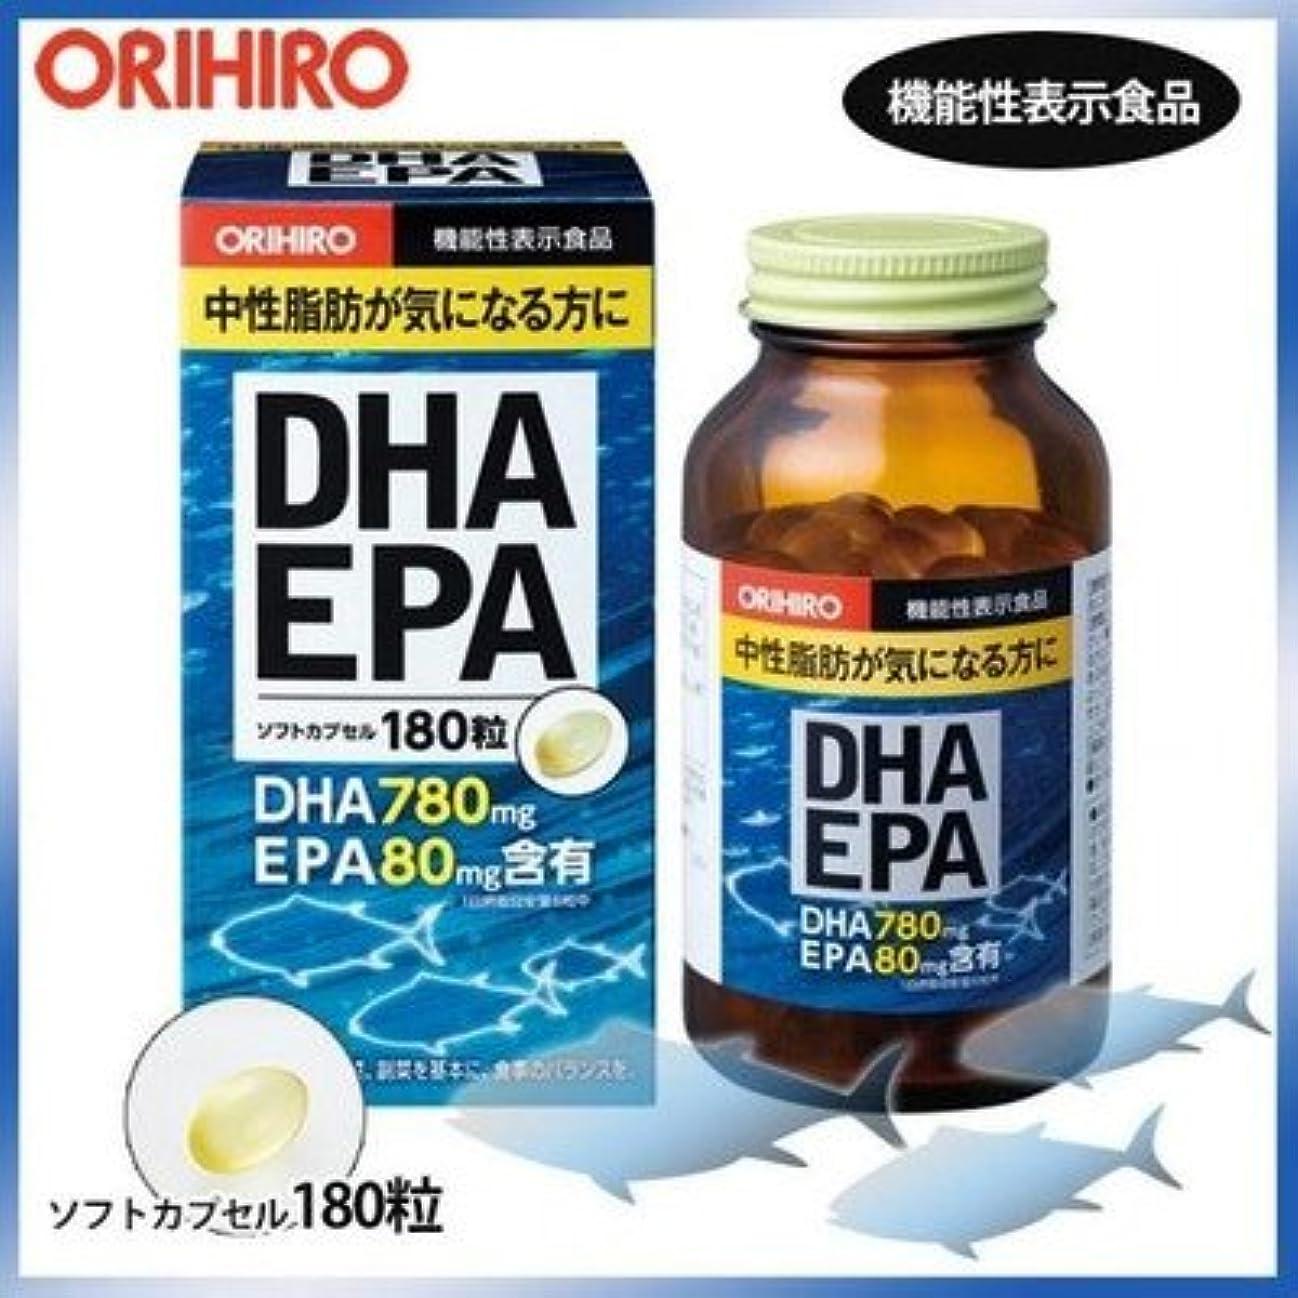 プロフェッショナル交換キネマティクスオリヒロ 機能性表示食品 DHA&EPA ソフトカプセル 180粒(1粒511mg/内容液357mg) 60208210